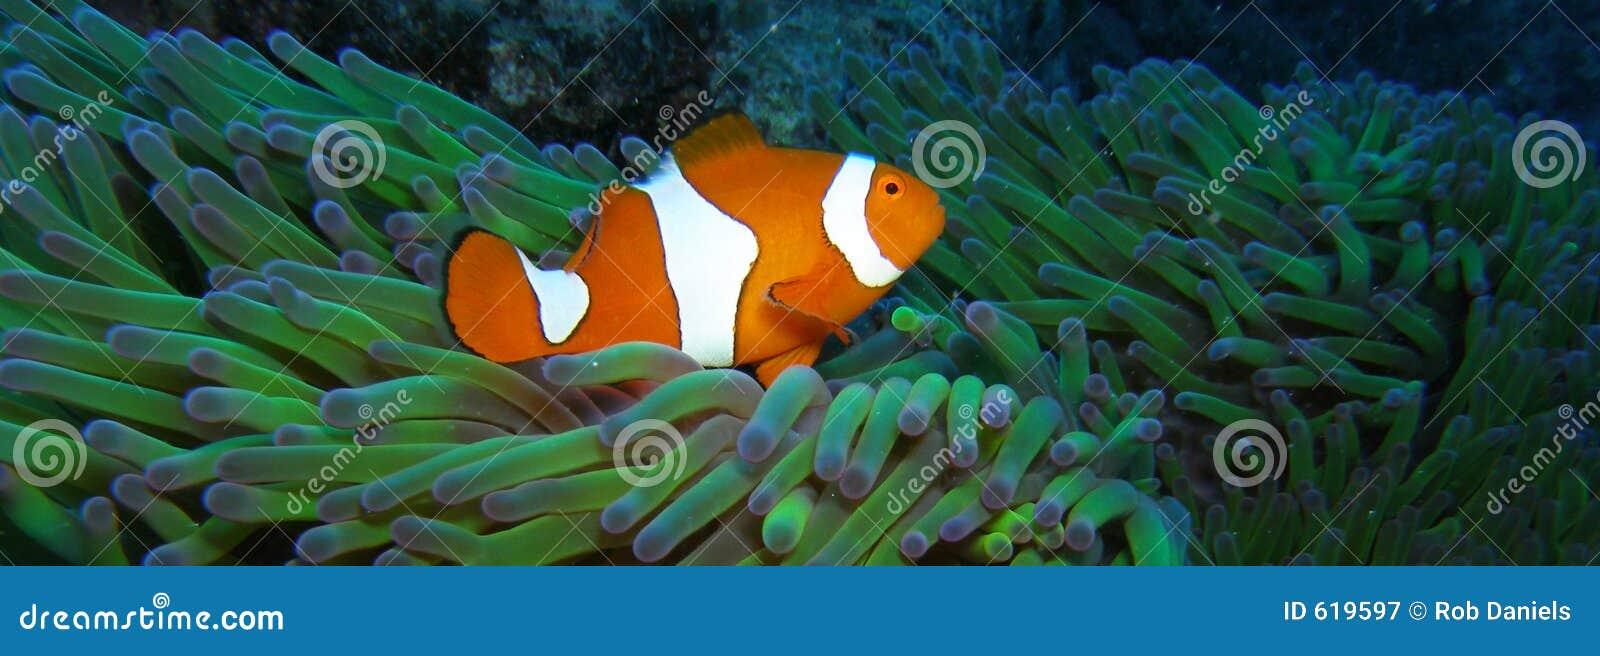 Ware Clown Anemonefish Nemo